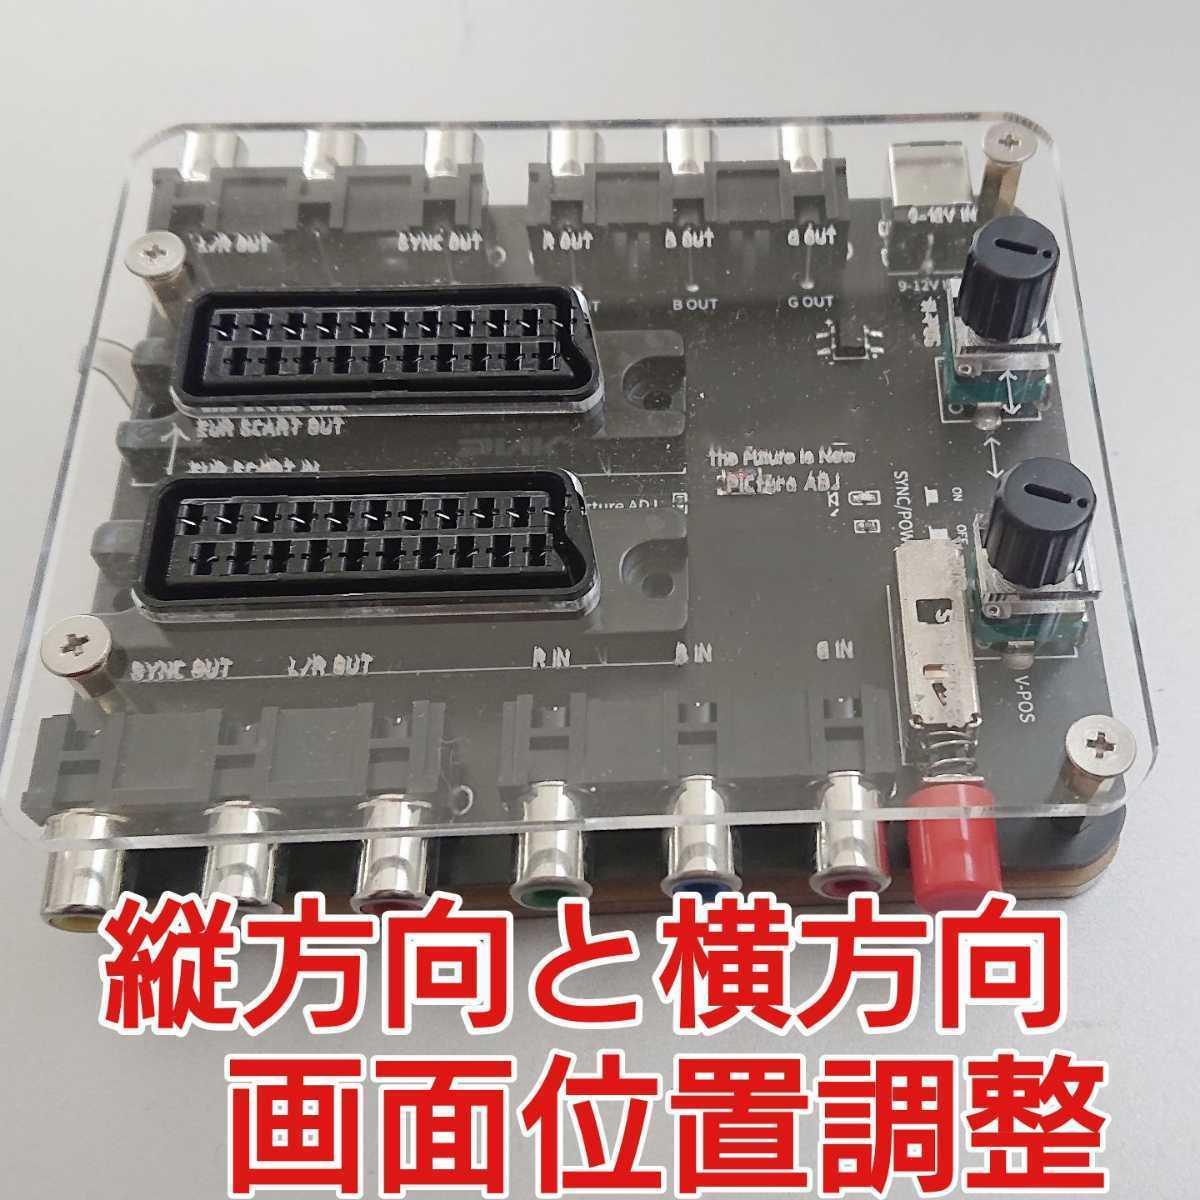 スーパーファミコン対応画面位置調整基板 15khz対応 SCART規格のケーブルに対応 SFC スーファミ 非RGB21ピン 位置調節